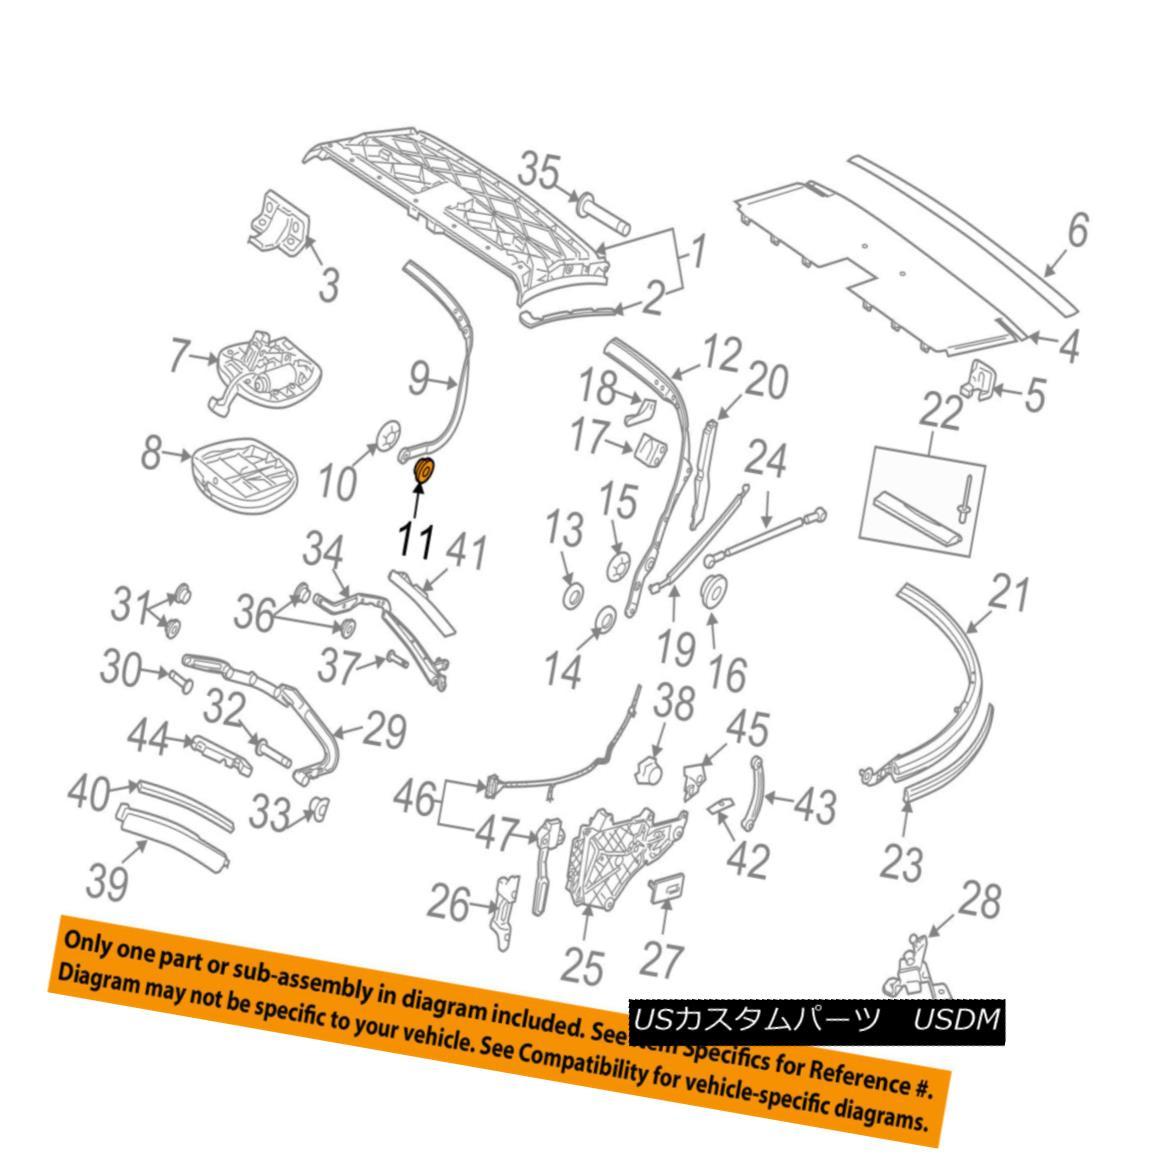 幌・ソフトトップ PORSCHE OEM 99-13 911 Convertible/soft Top-Front Bow Bushing 99992412240 PORSCHE OEM 99-13 911コンバーチブル/ so ftトップフロントボウブッシング99992412240